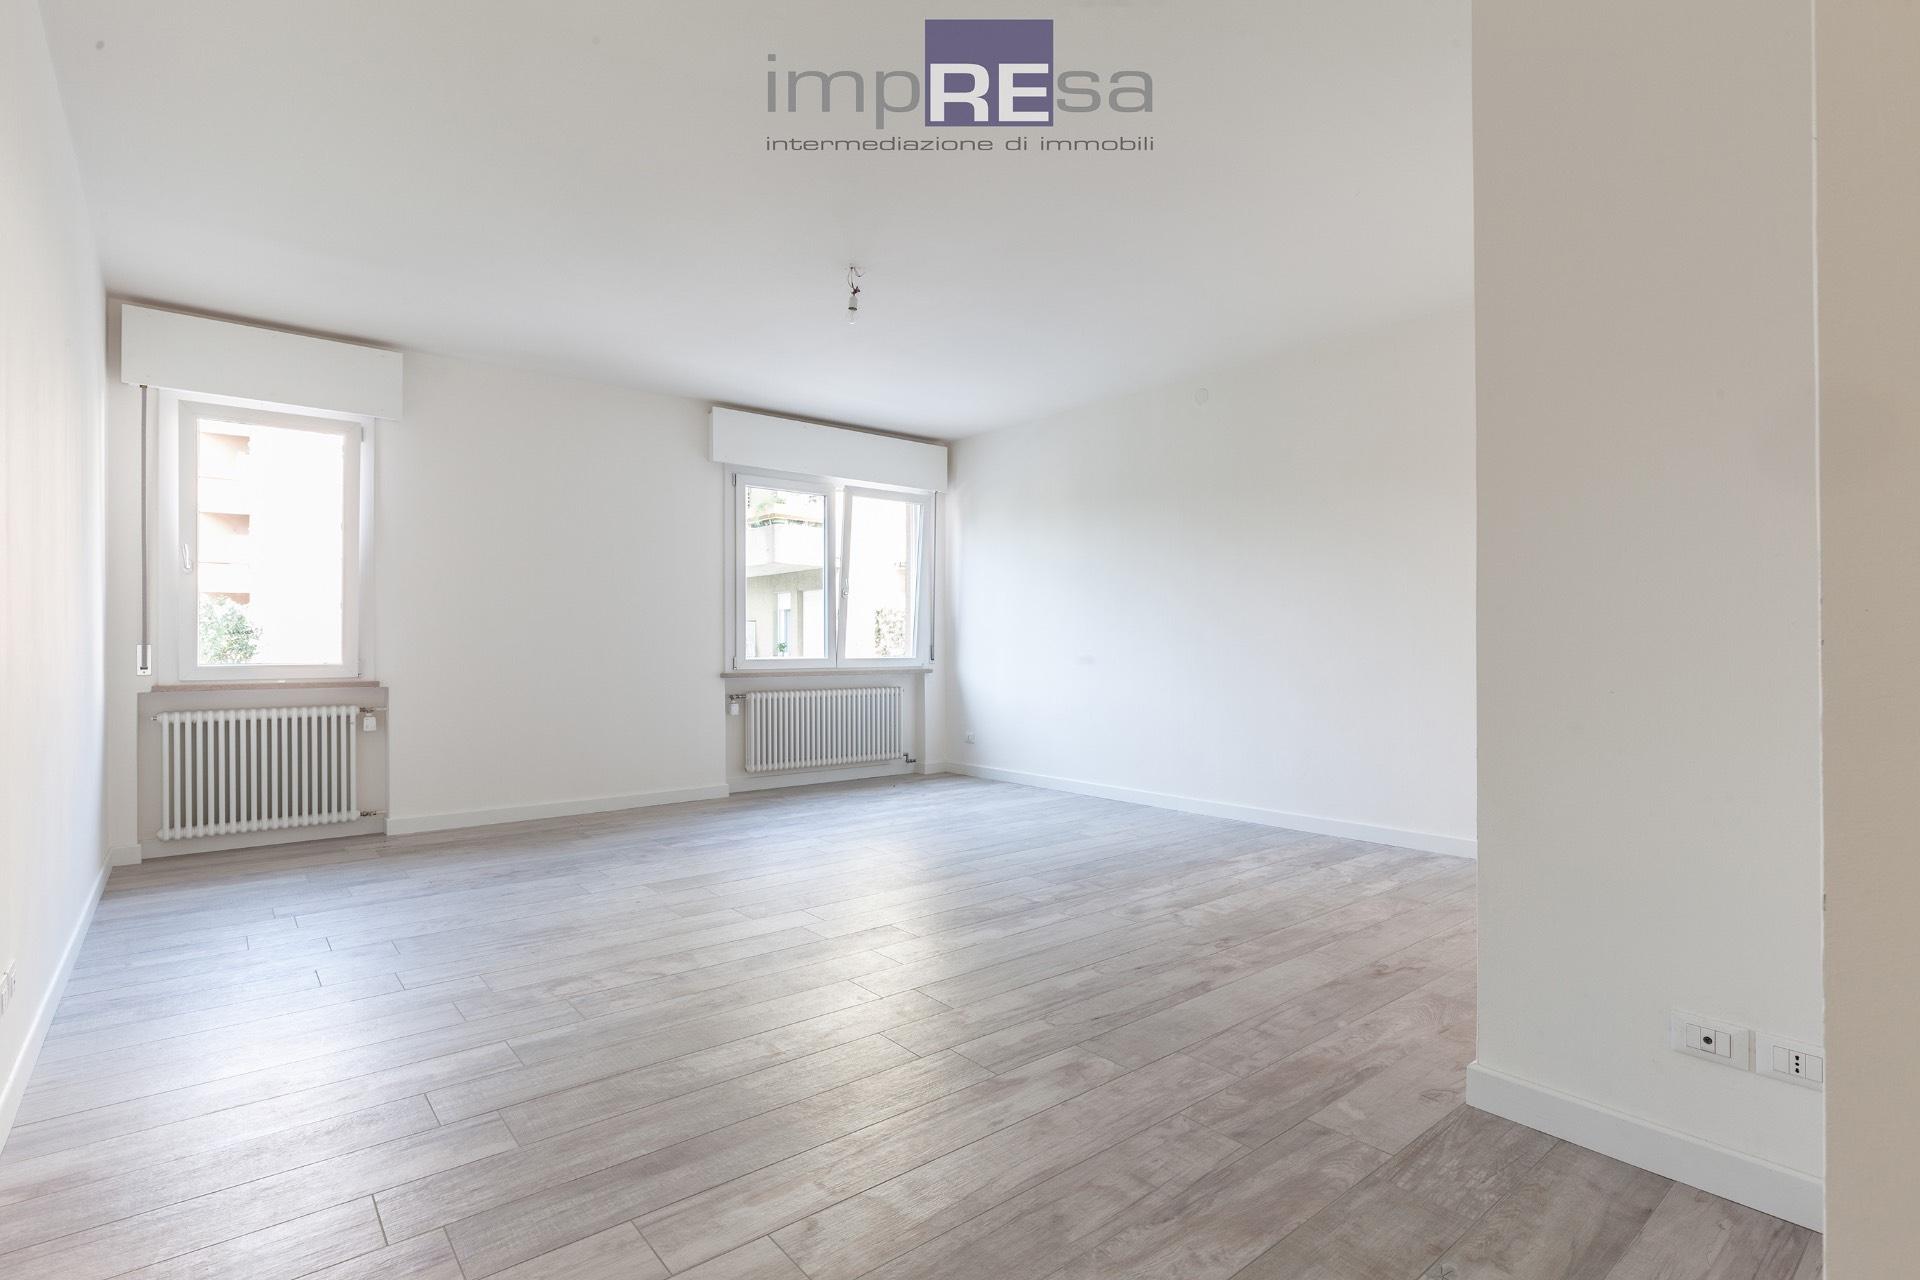 vendita appartamento treviso s. maria del rovere  137000 euro  5 locali  90 mq